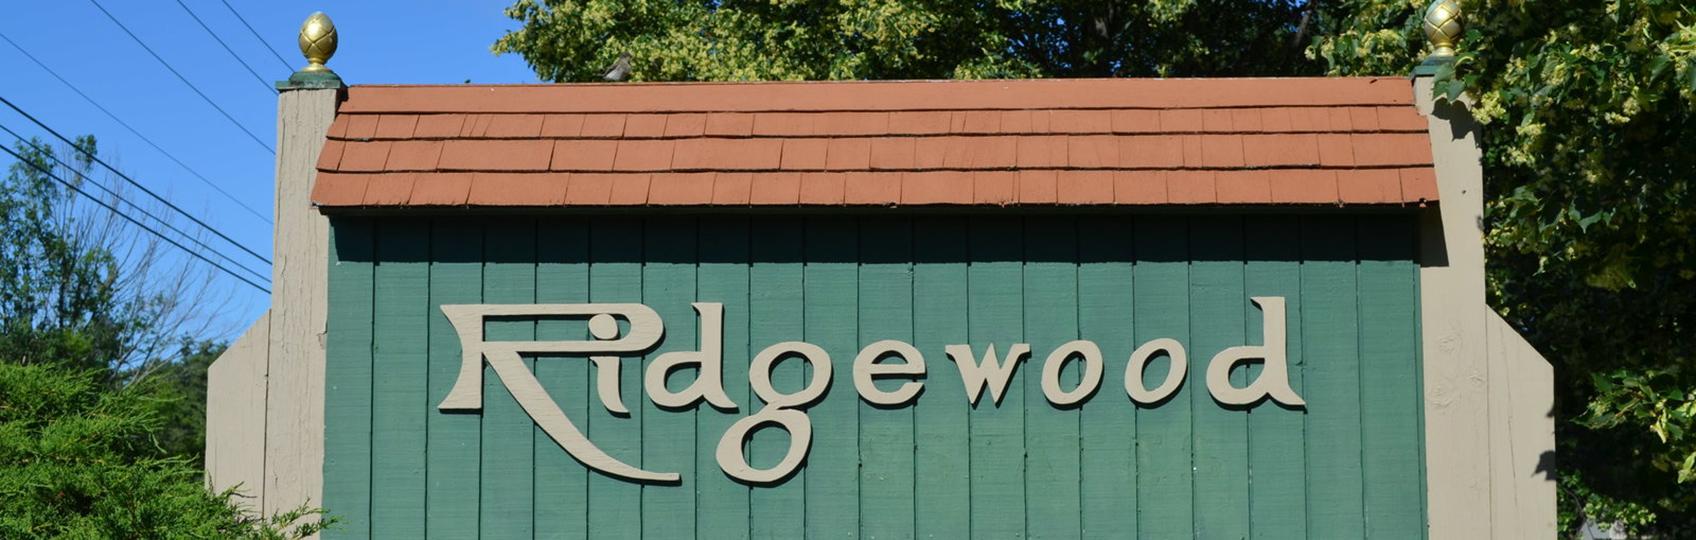 ridgewood estates condos for sale